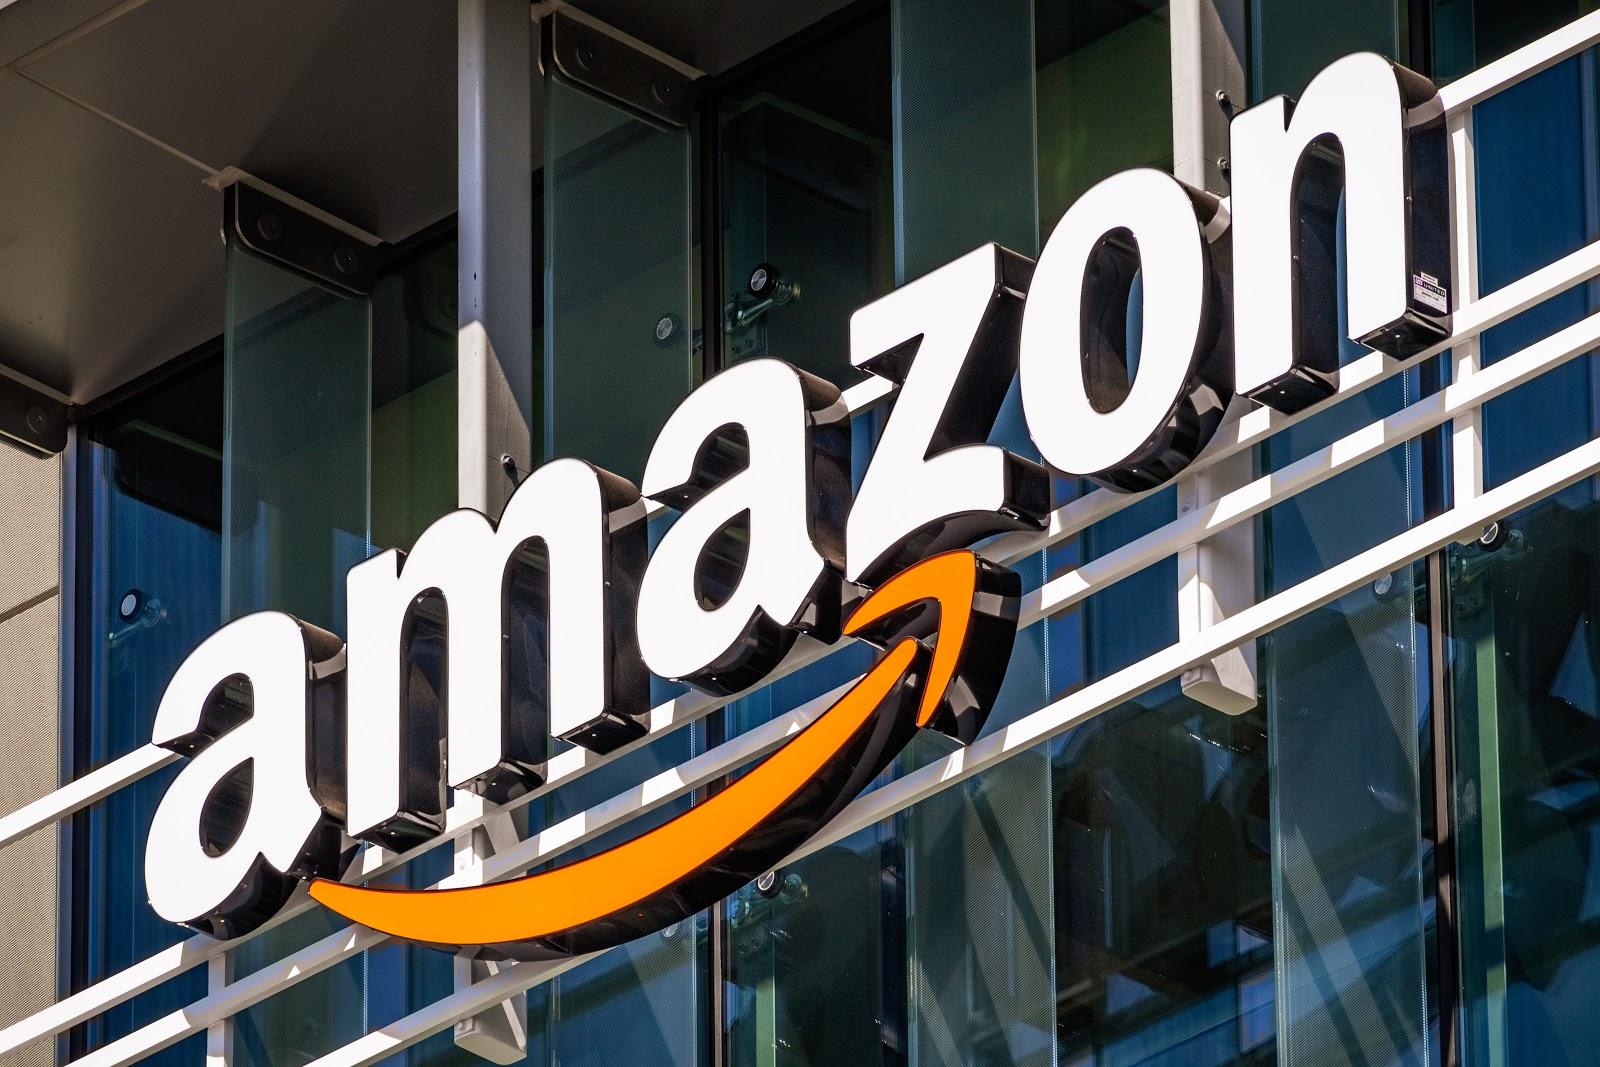 Er I klar til Amazon?